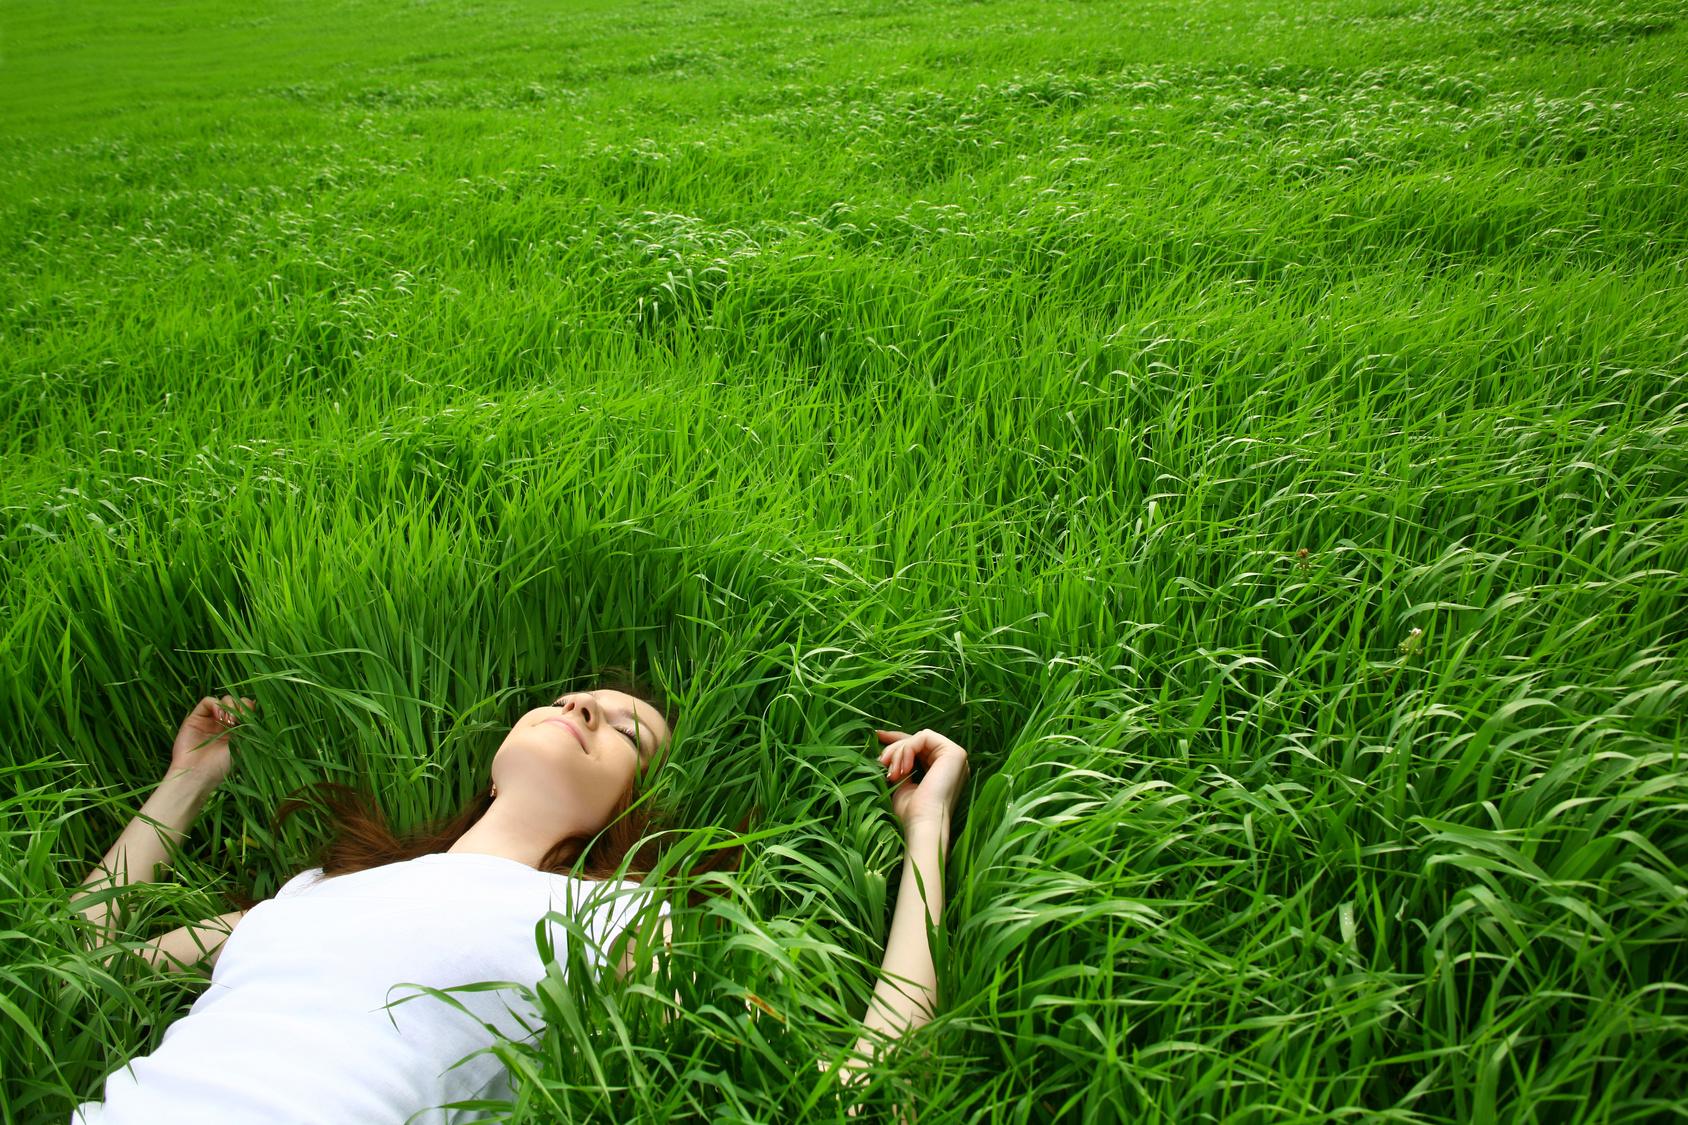 памятник мраморной фото в траве правила дочка